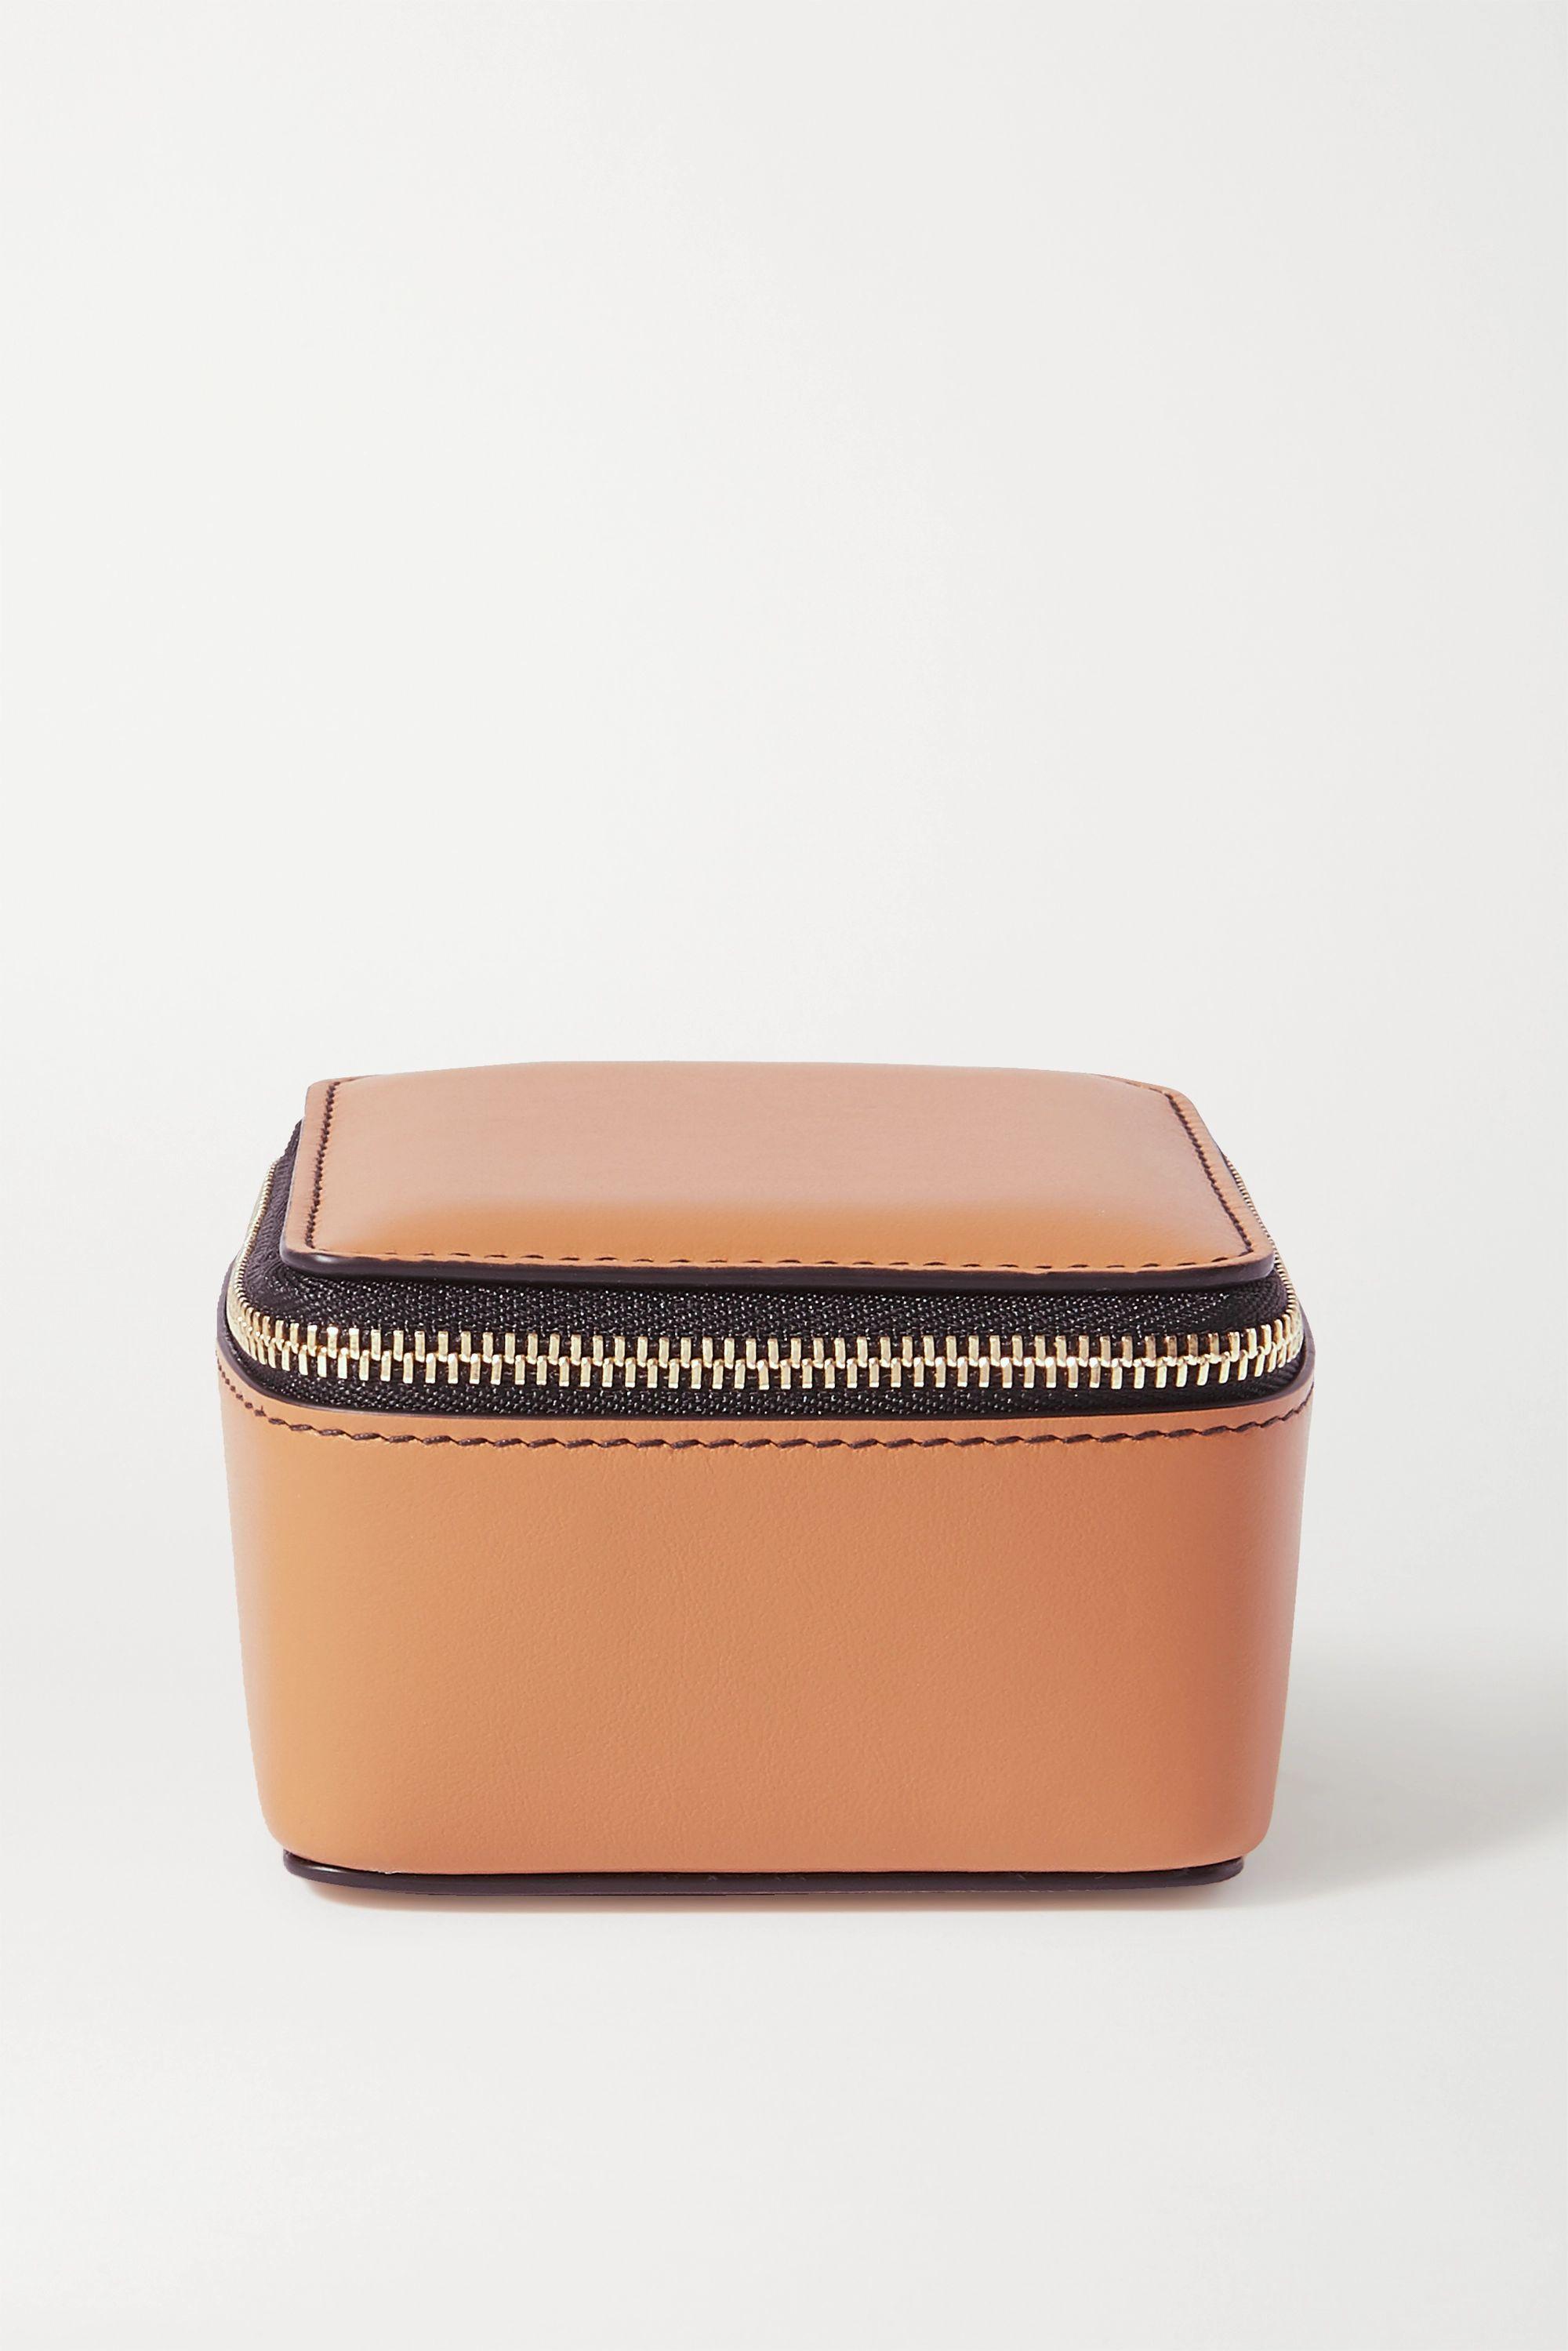 Smythson Bond leather pouch